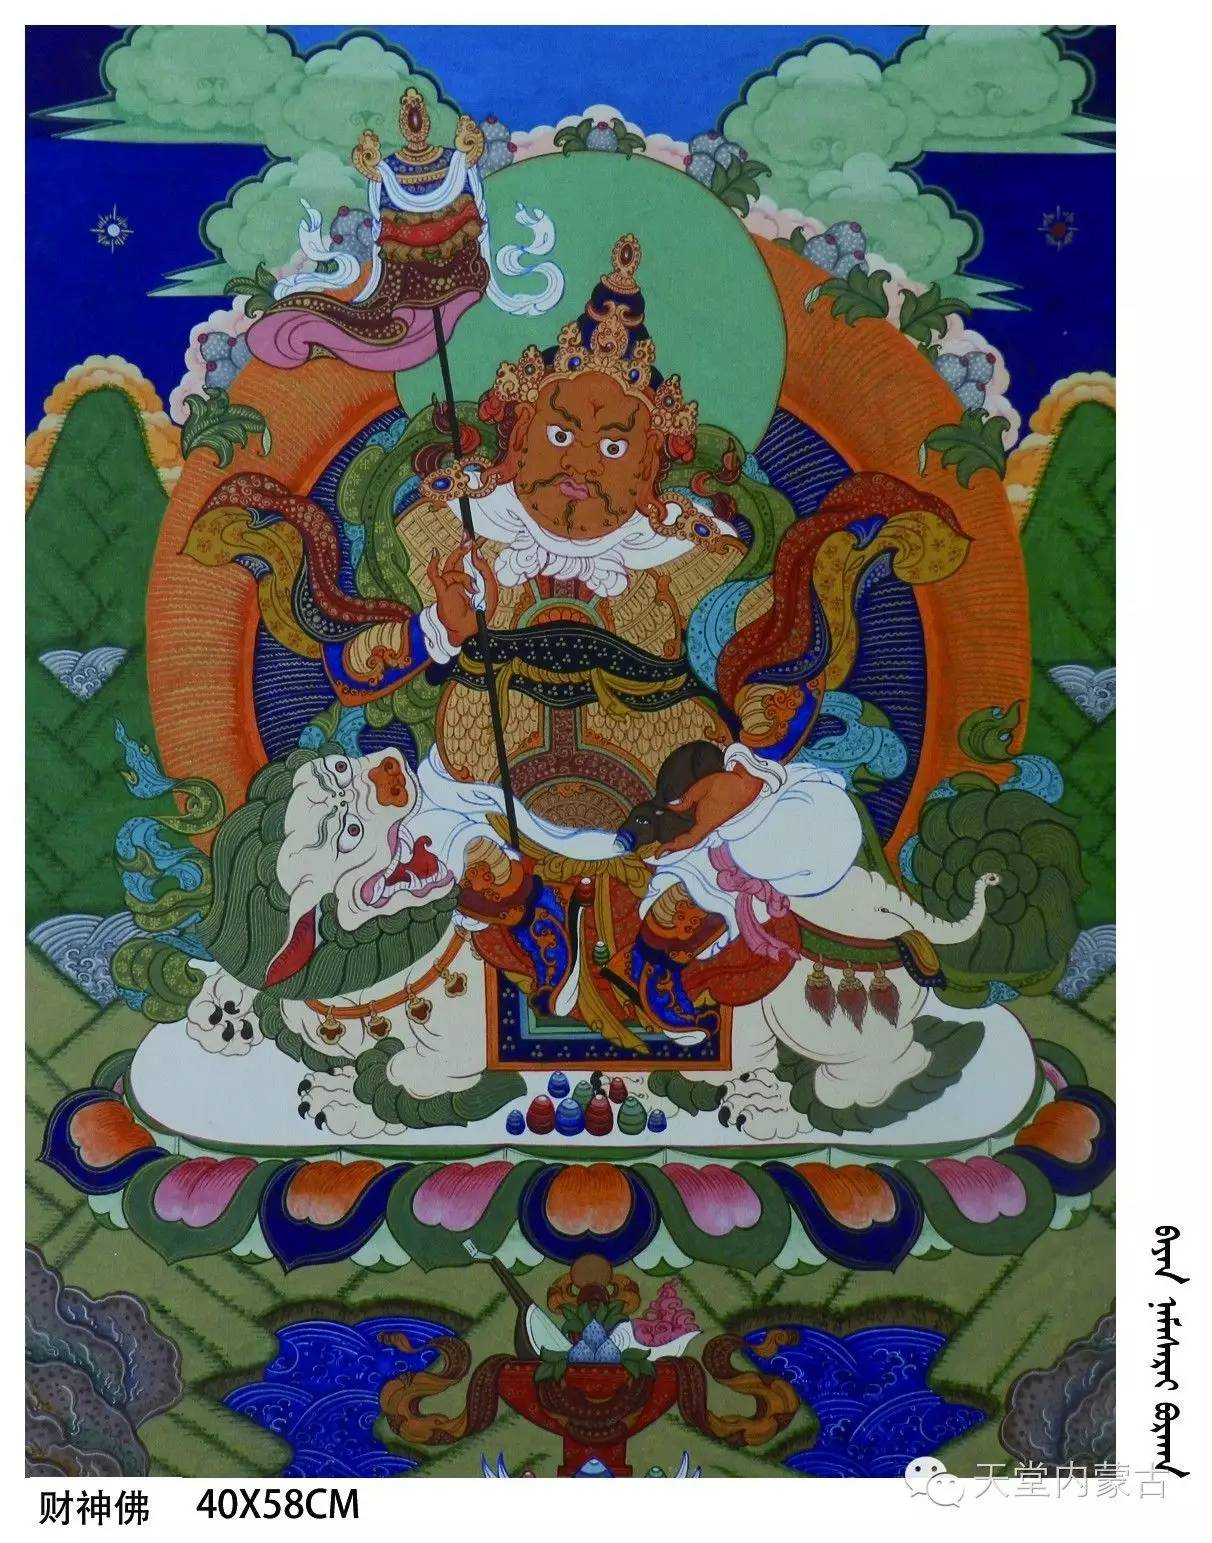 🔴内蒙古蒙古画艺术家乌云额尔德尼《故乡的呼唤》个人艺术展 第5张 🔴内蒙古蒙古画艺术家乌云额尔德尼《故乡的呼唤》个人艺术展 蒙古画廊